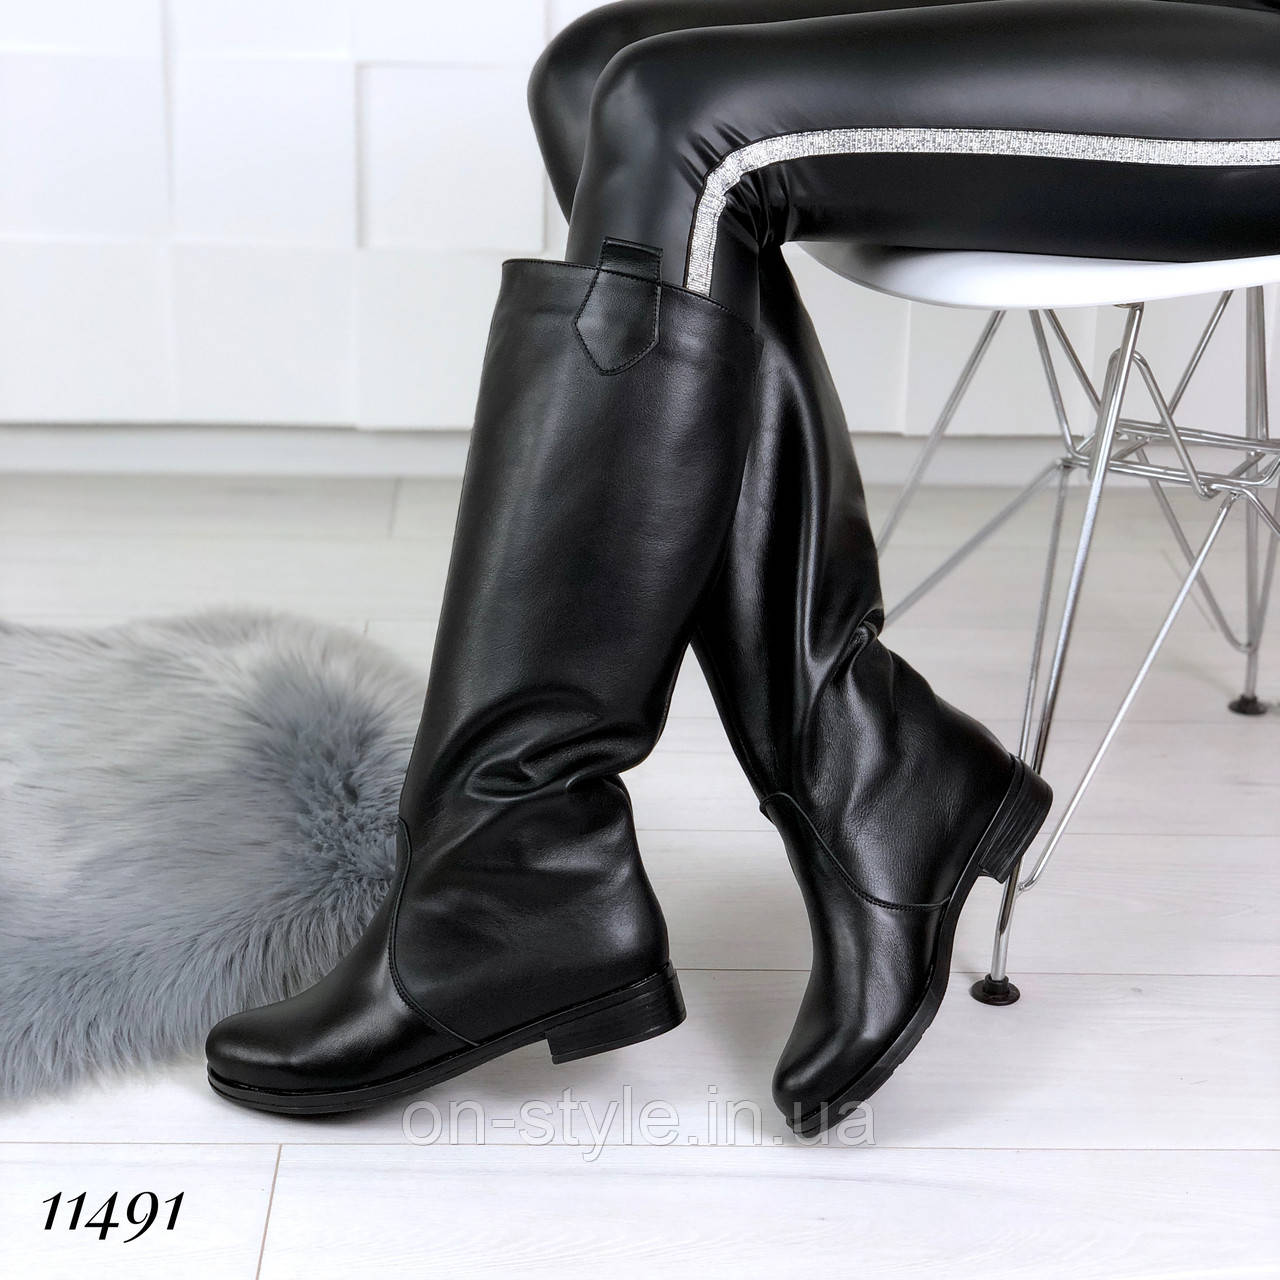 Женские зимние кожаные сапоги трубы - Интернет-магазин